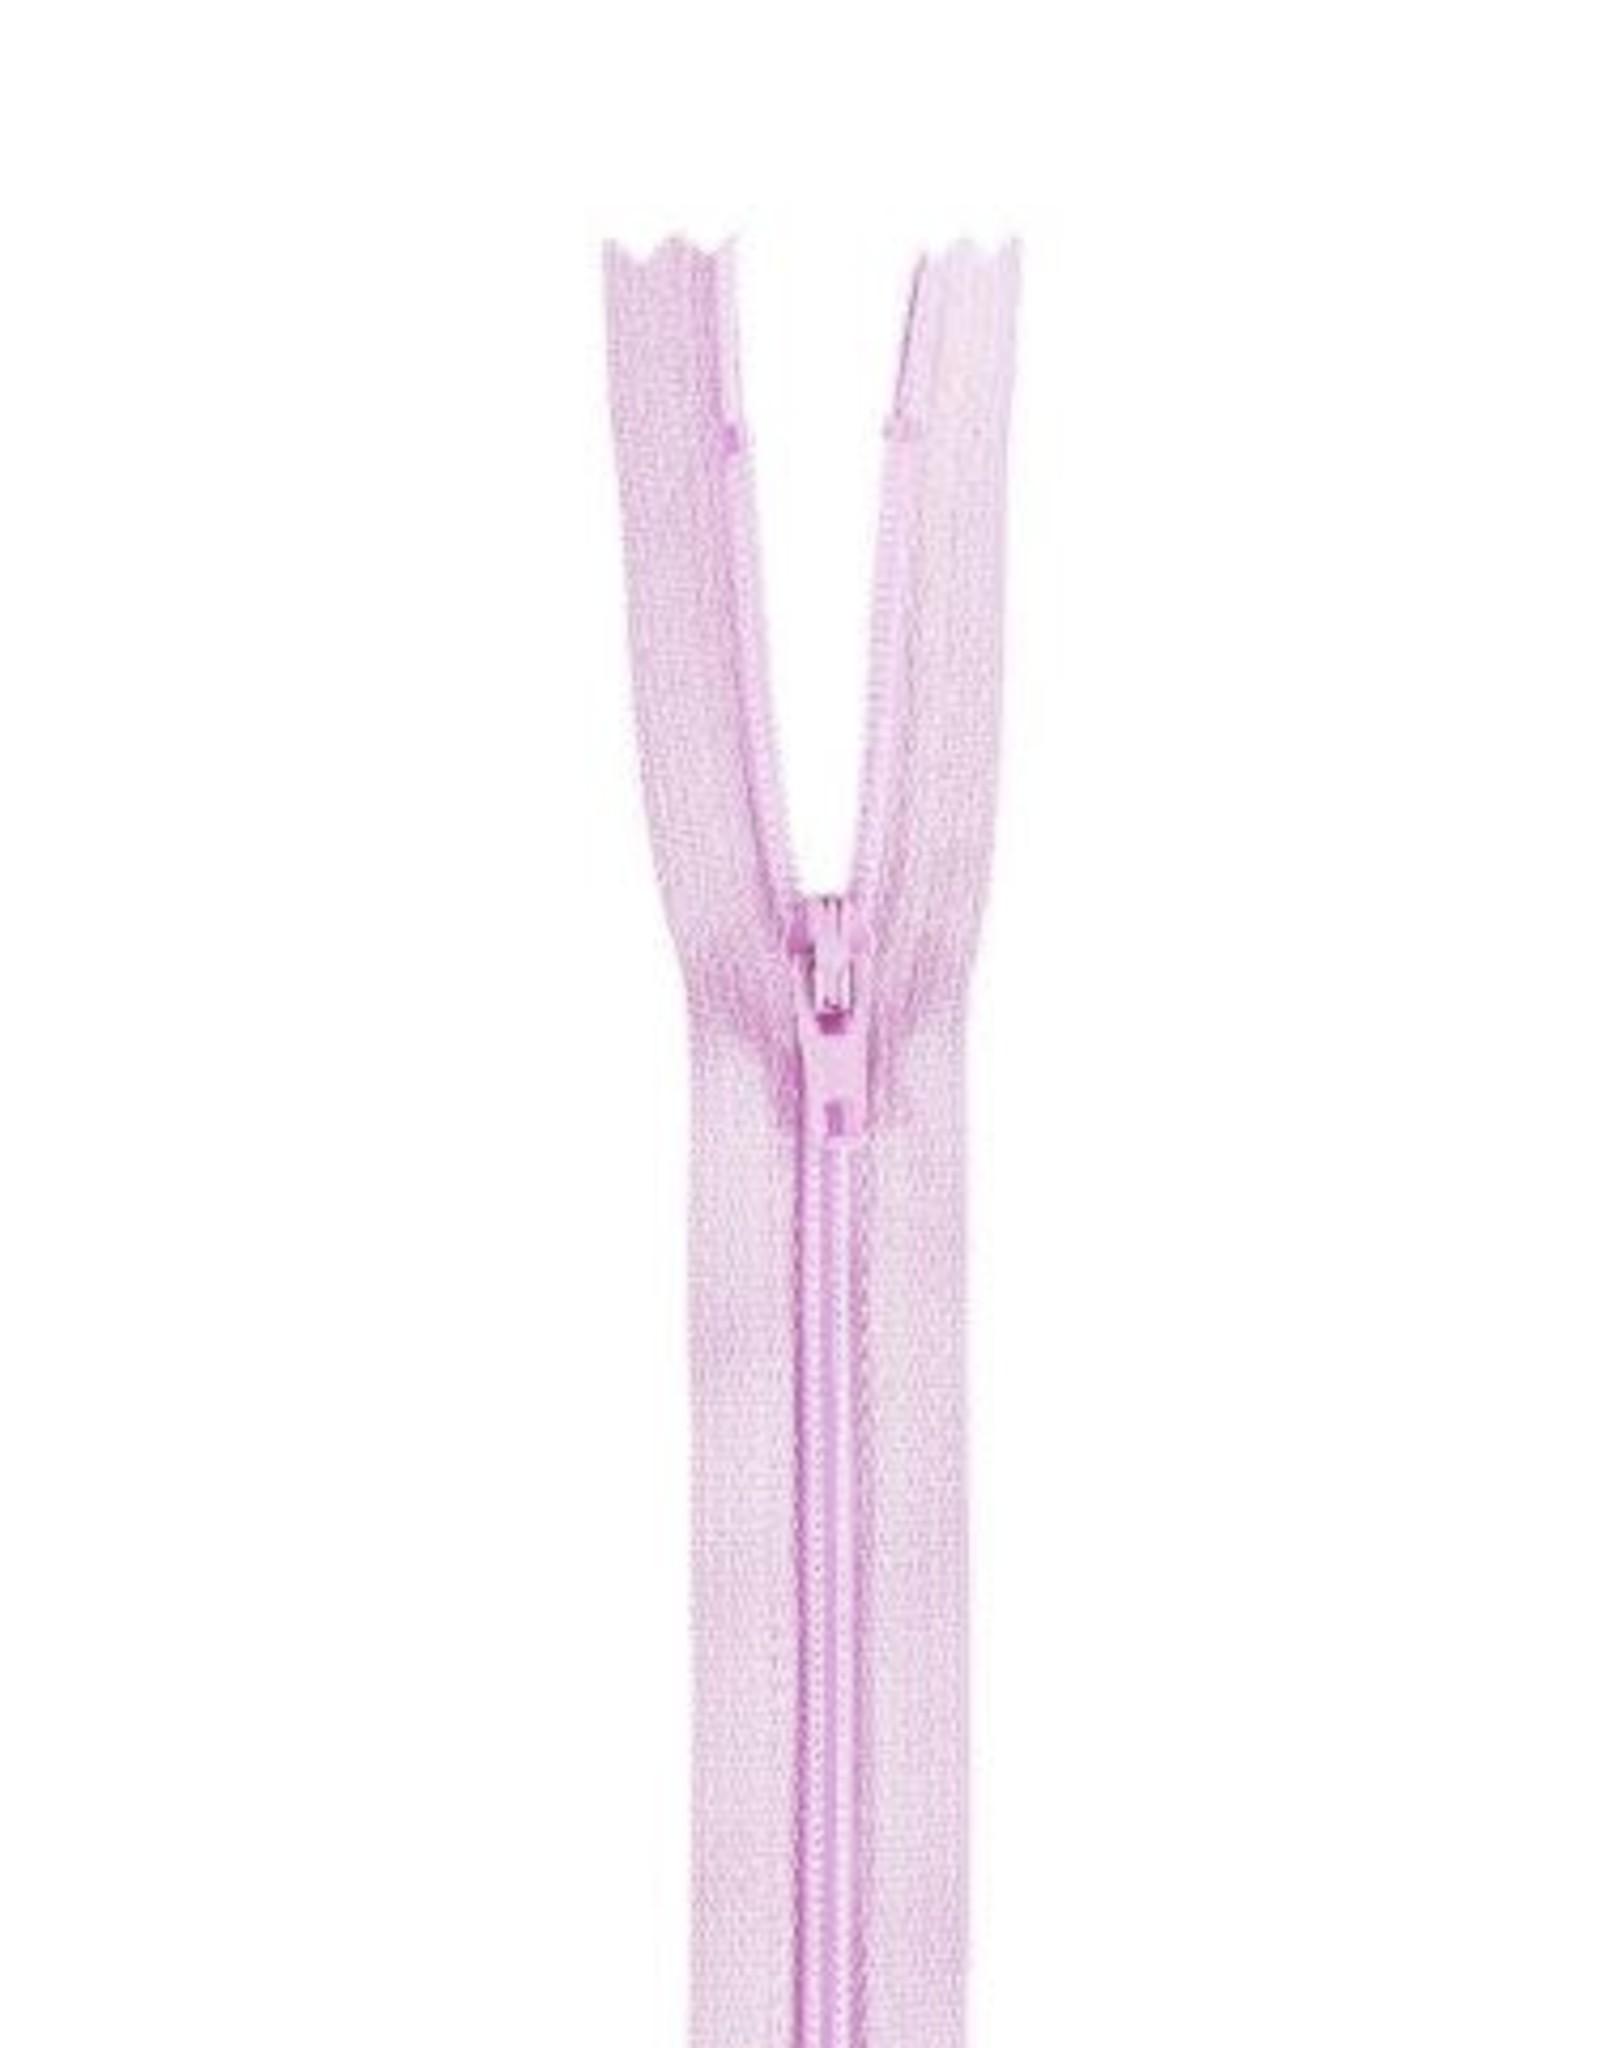 YKK Spiraalrits niet-DB 3mm licht roze paars 068-30cm